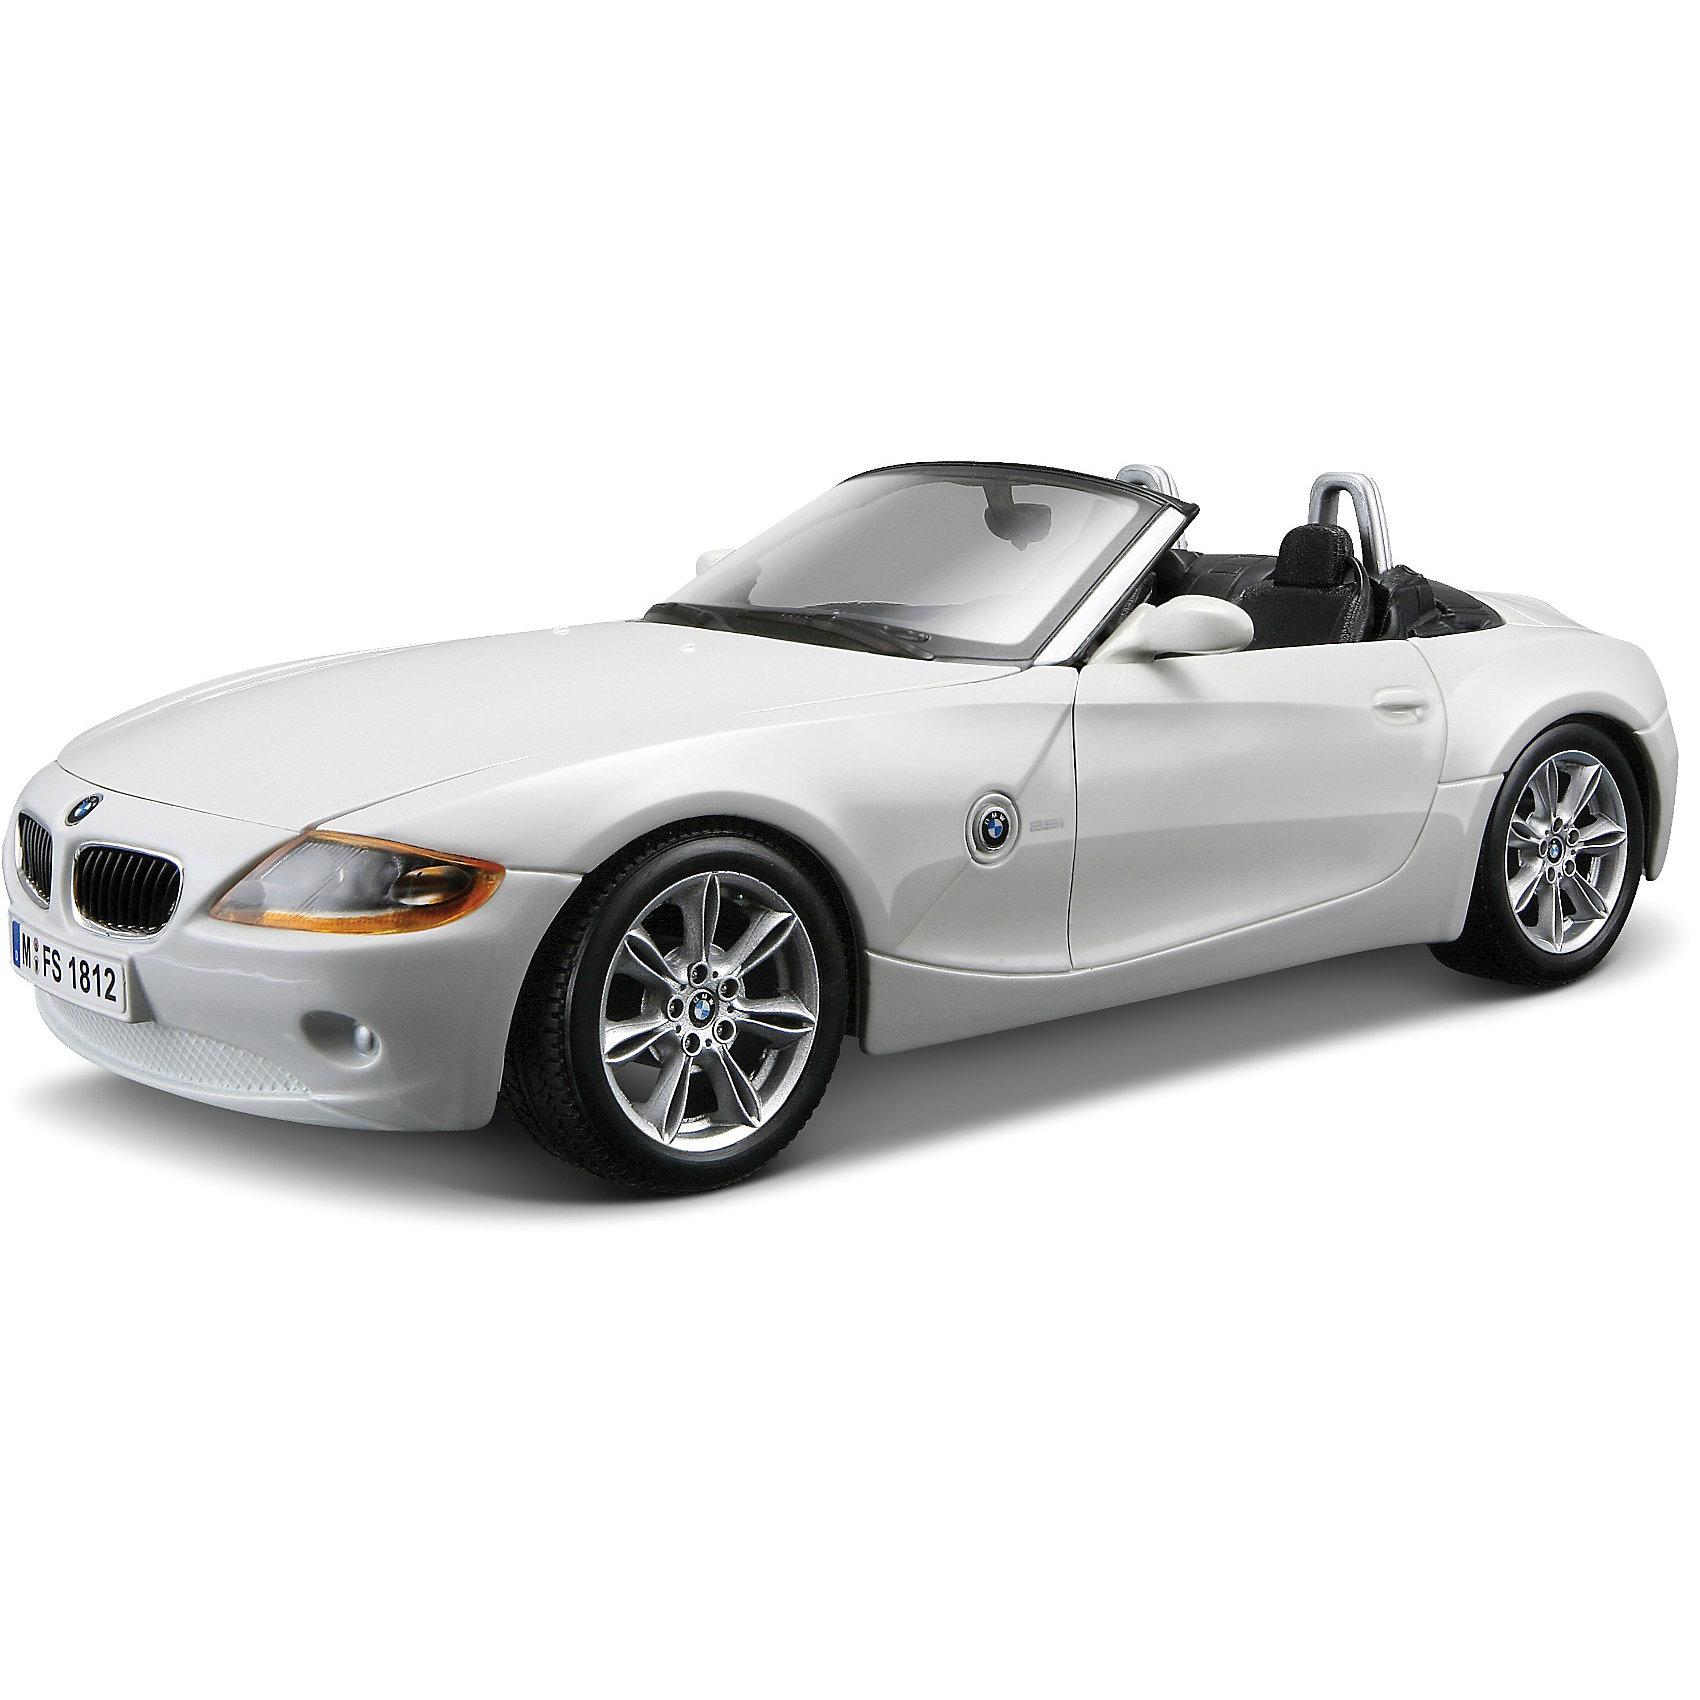 Машина BMW Z4 металл., 1:24, BburagoМашина BMW Z4 металл., 1:24, Bburago (Бураго)<br>Компания Bburago – мировой лидер в производстве коллекционных  моделей автомобилей.  <br>Более 30 лет профессиональные дизайнеры Bburago разрабатывают точные копии современных машин и ретро машин известных марок.  <br><br>BMW Z4  - заднеприводный, 2-местный автомобиль в кузове родстер, выпускаемый компанией BMW в период с 2002 по 2008 год. BMW Z4 Roadster обладает спортивной, бескомпромиссной внешностью.<br>Благодаря удлиненной передней части кузова, Z4 напоминает акулу.<br><br>Функциональность игрушки:<br>- двухместный  автомобиль  создан в масштабе 1:24<br>- у модели крутится руль, колеса, открываются двери и капот<br>- цвет автомобиля: белый, серый металлик<br><br>С мини-модельками автомобилей Bburago игра станет настолько увлекательной, что оторваться будет невозможно!<br><br>Дополнительная информация:<br><br>- Материал: Металл<br>- Размеры упаковки: 24,2 х 10 х 10 см<br>- Вес: 0,57 кг.<br><br>ВНИМАНИЕ! Данный артикул имеется в наличии в разных цветовых исполнениях (белый, серый металлик). К сожалению, заранее выбрать определенный цвет невозможно. <br><br>Игрушку Машина BMW Z4 металл., 1:24, Bburago можно купить в нашем интернет-магазине.<br><br>Ширина мм: 241<br>Глубина мм: 125<br>Высота мм: 101<br>Вес г: 470<br>Возраст от месяцев: 36<br>Возраст до месяцев: 1200<br>Пол: Мужской<br>Возраст: Детский<br>SKU: 1784083